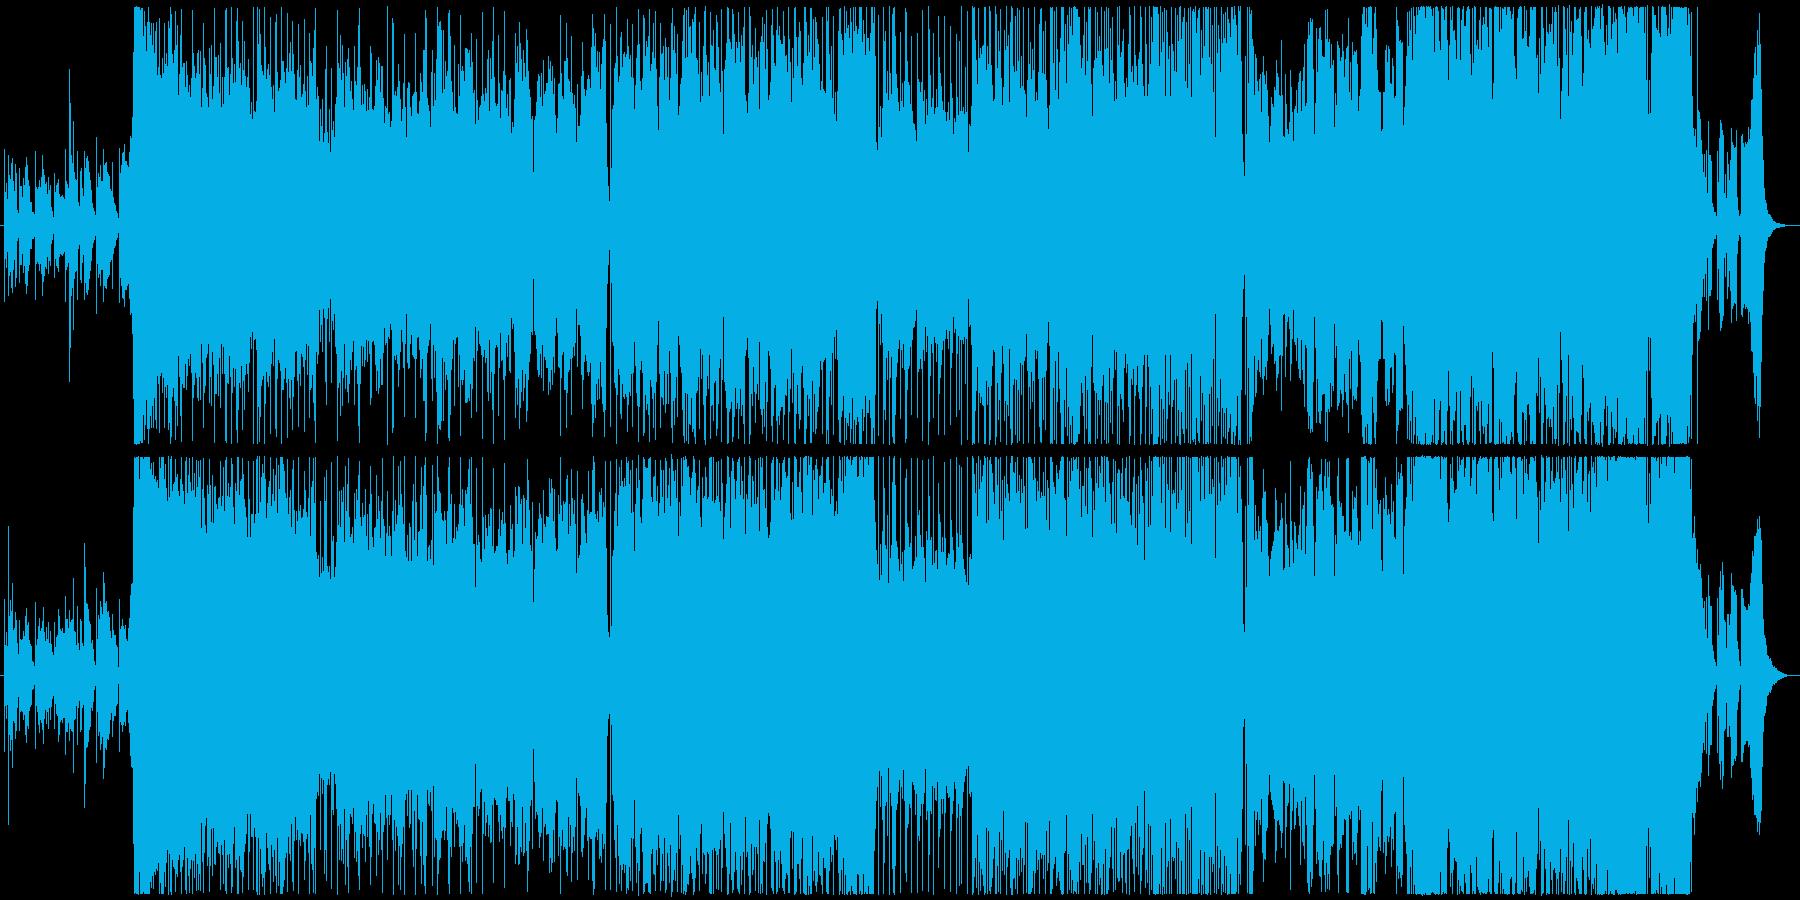 アニメOP/ED、6/8拍子短調、切ないの再生済みの波形